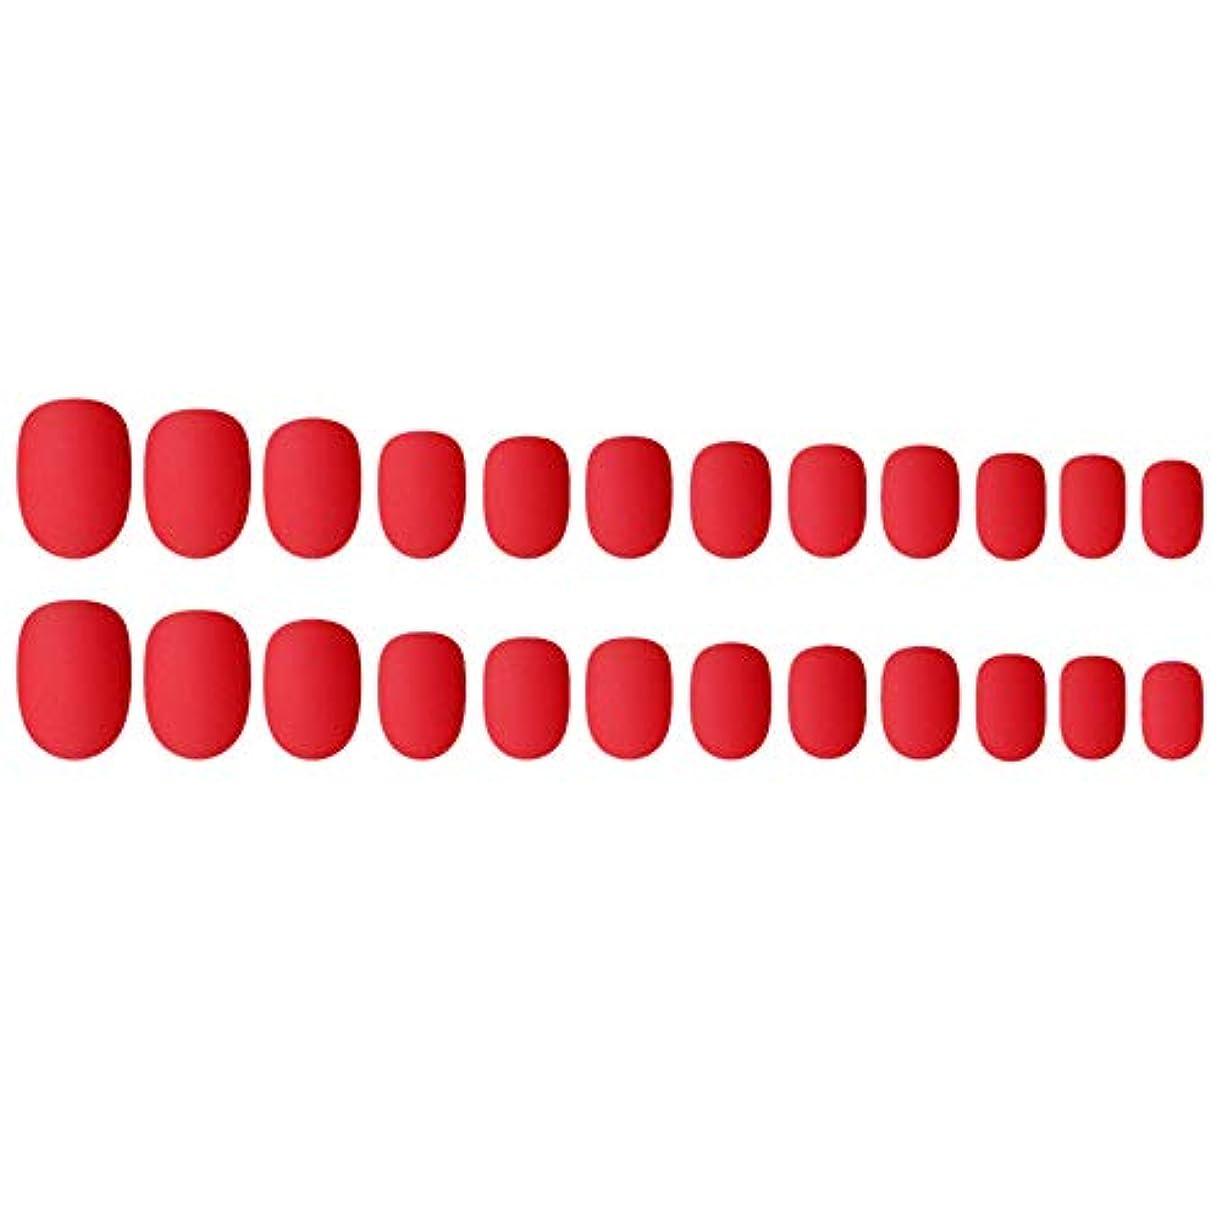 罪人恐ろしいです経験Decdeal ネイルチップ 24ピース 偽ネイルのヒント 12種類のサイズ ネイルサロン diy ネイルアートツール